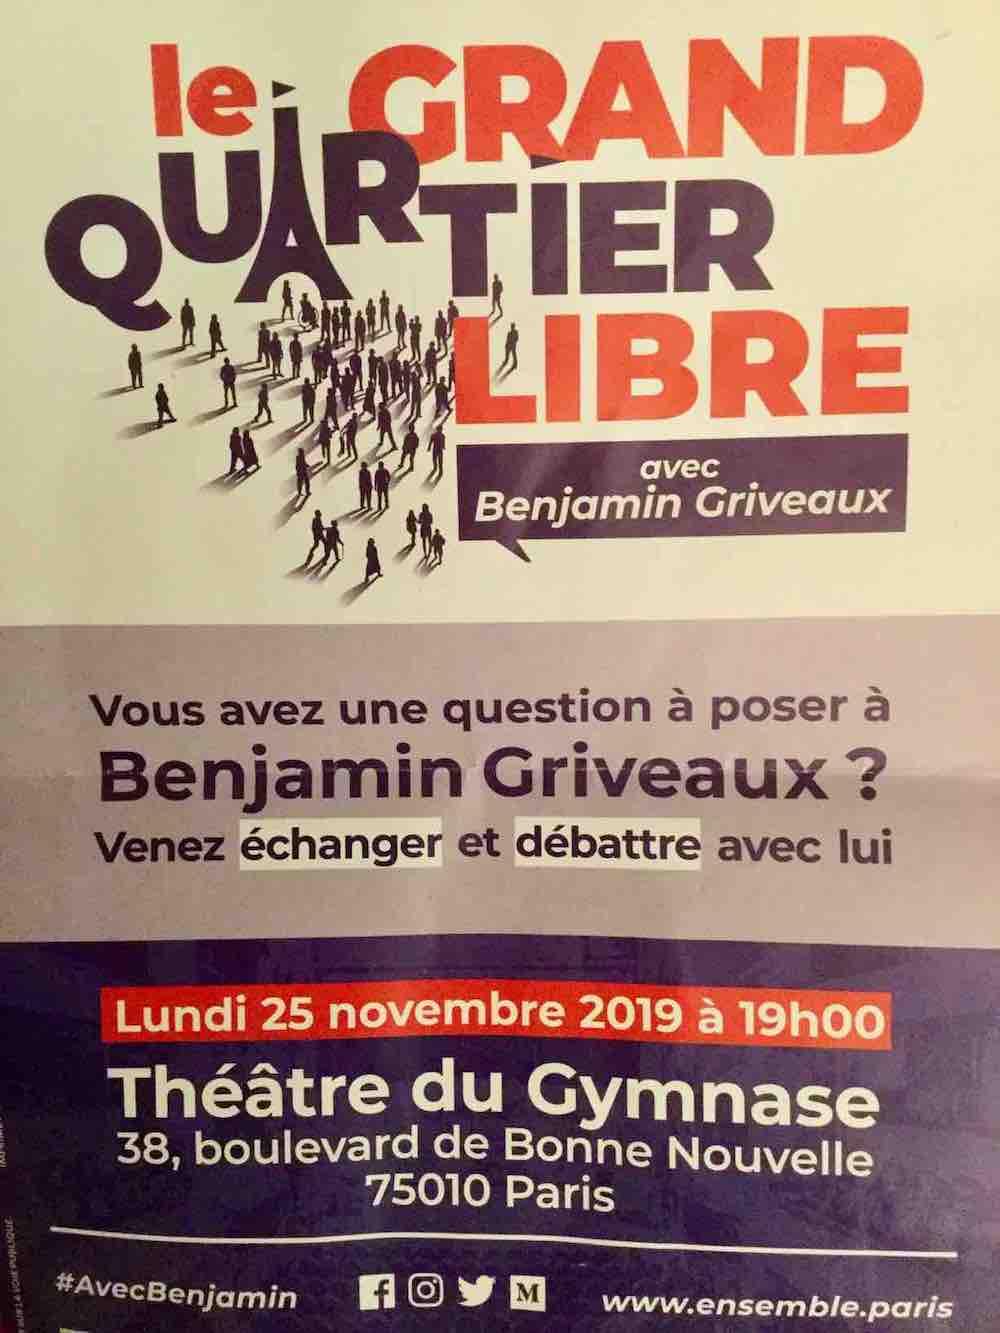 Le tract distribué lors de la brocante dans le 3e arrondissement le week-end précédent le meeting.